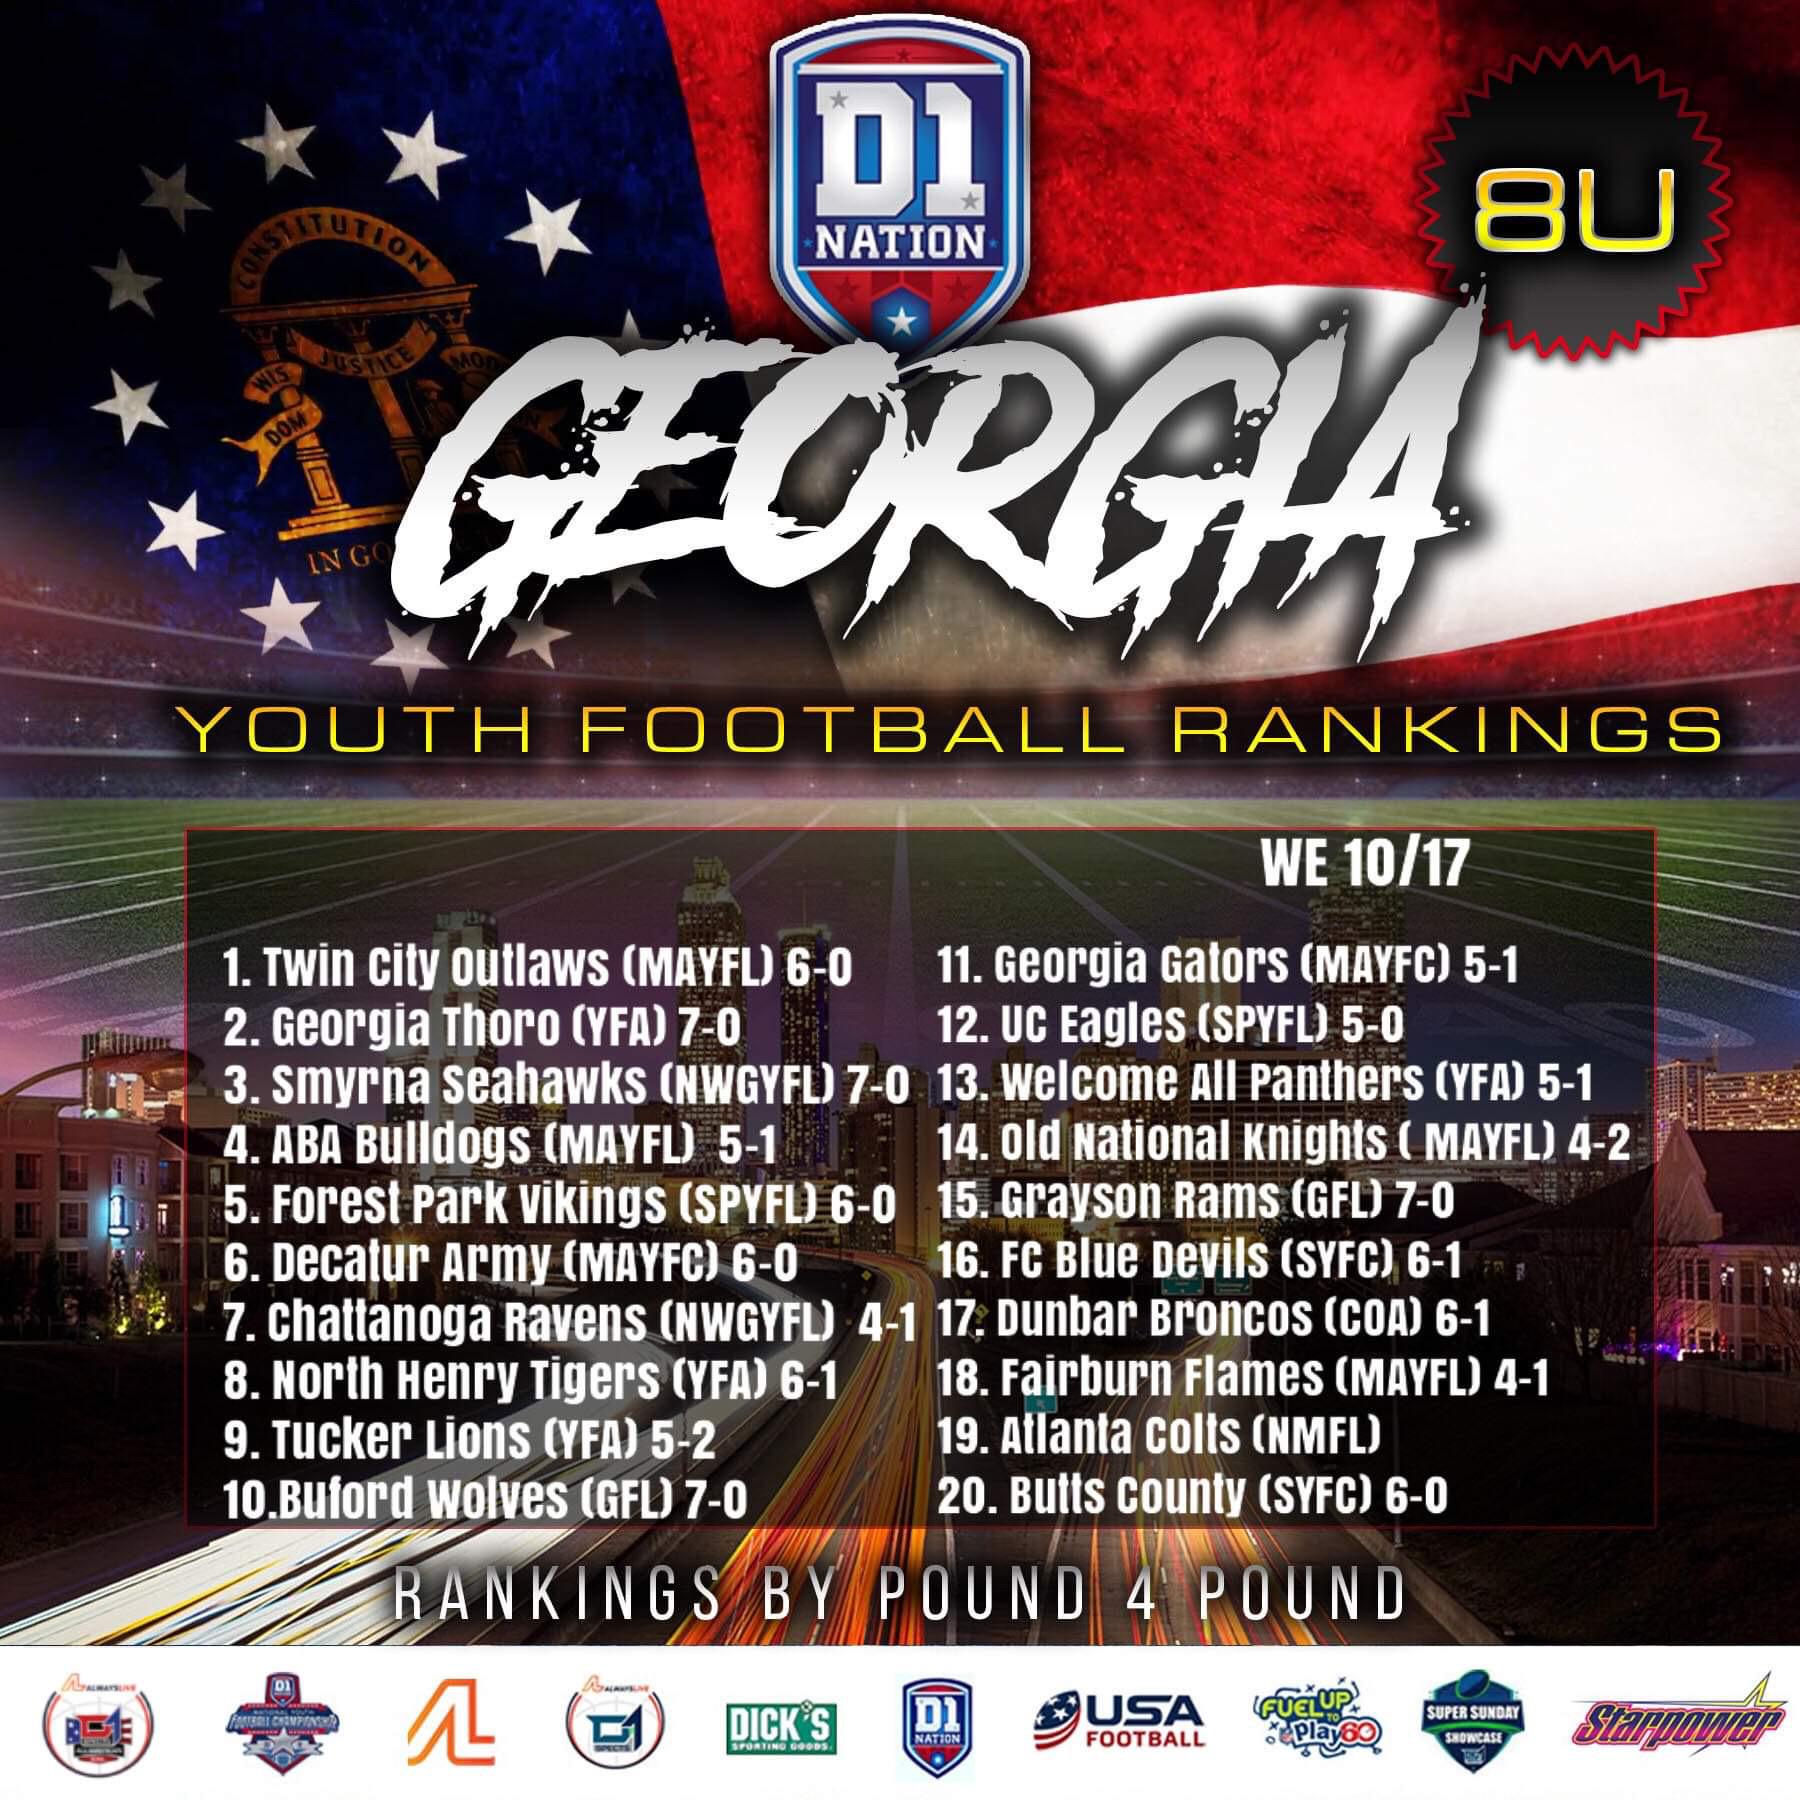 Update 10/21/2019: Georgia Youth Football Rankings – 8U